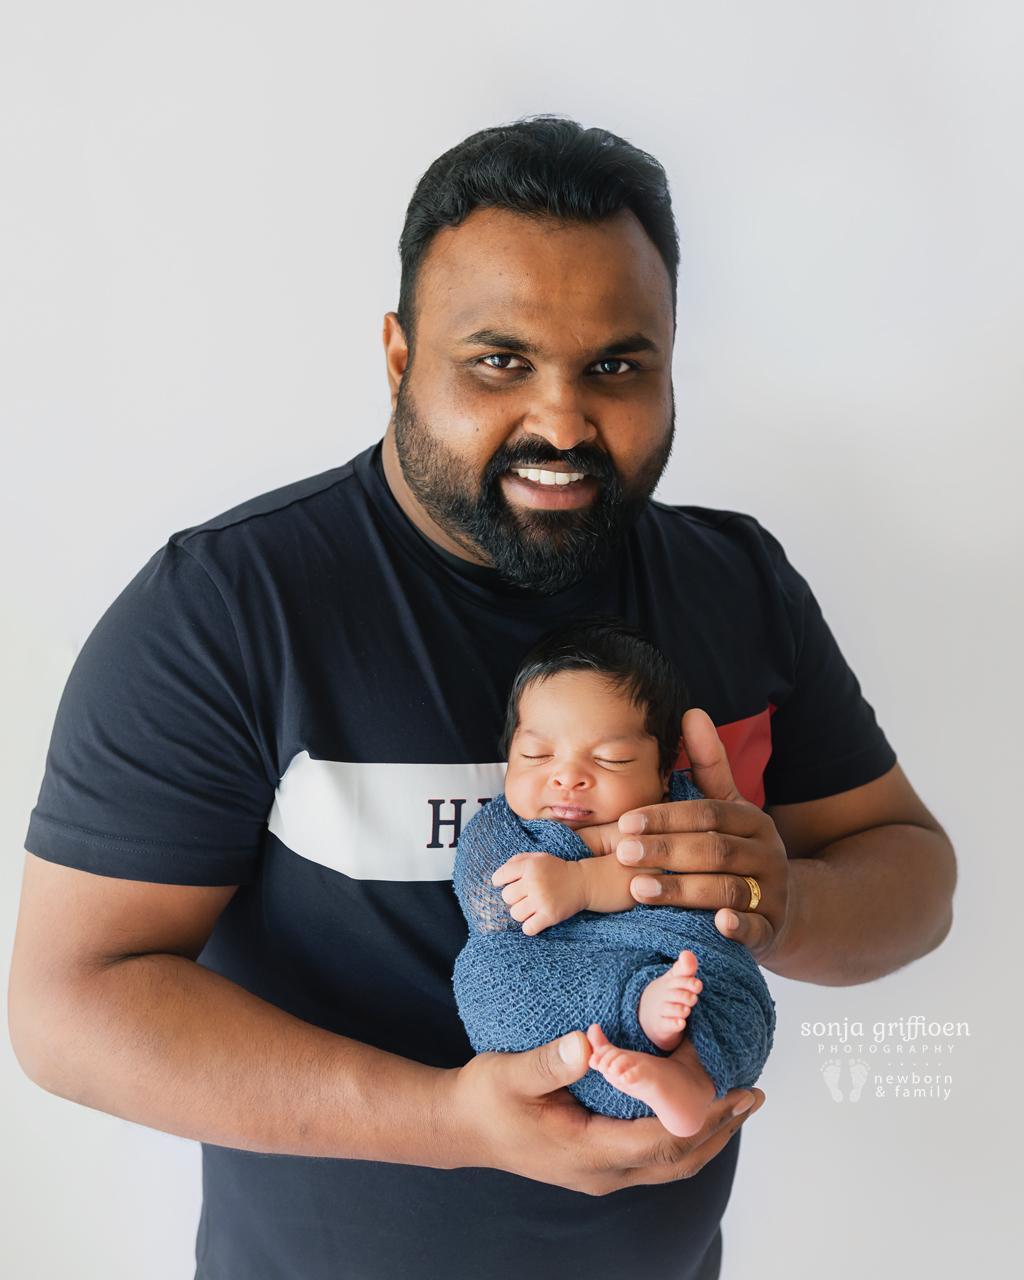 Ezekiel-Newborn-Brisbane-Newborn-Photographer-Sonja-Griffioen-01.jpg